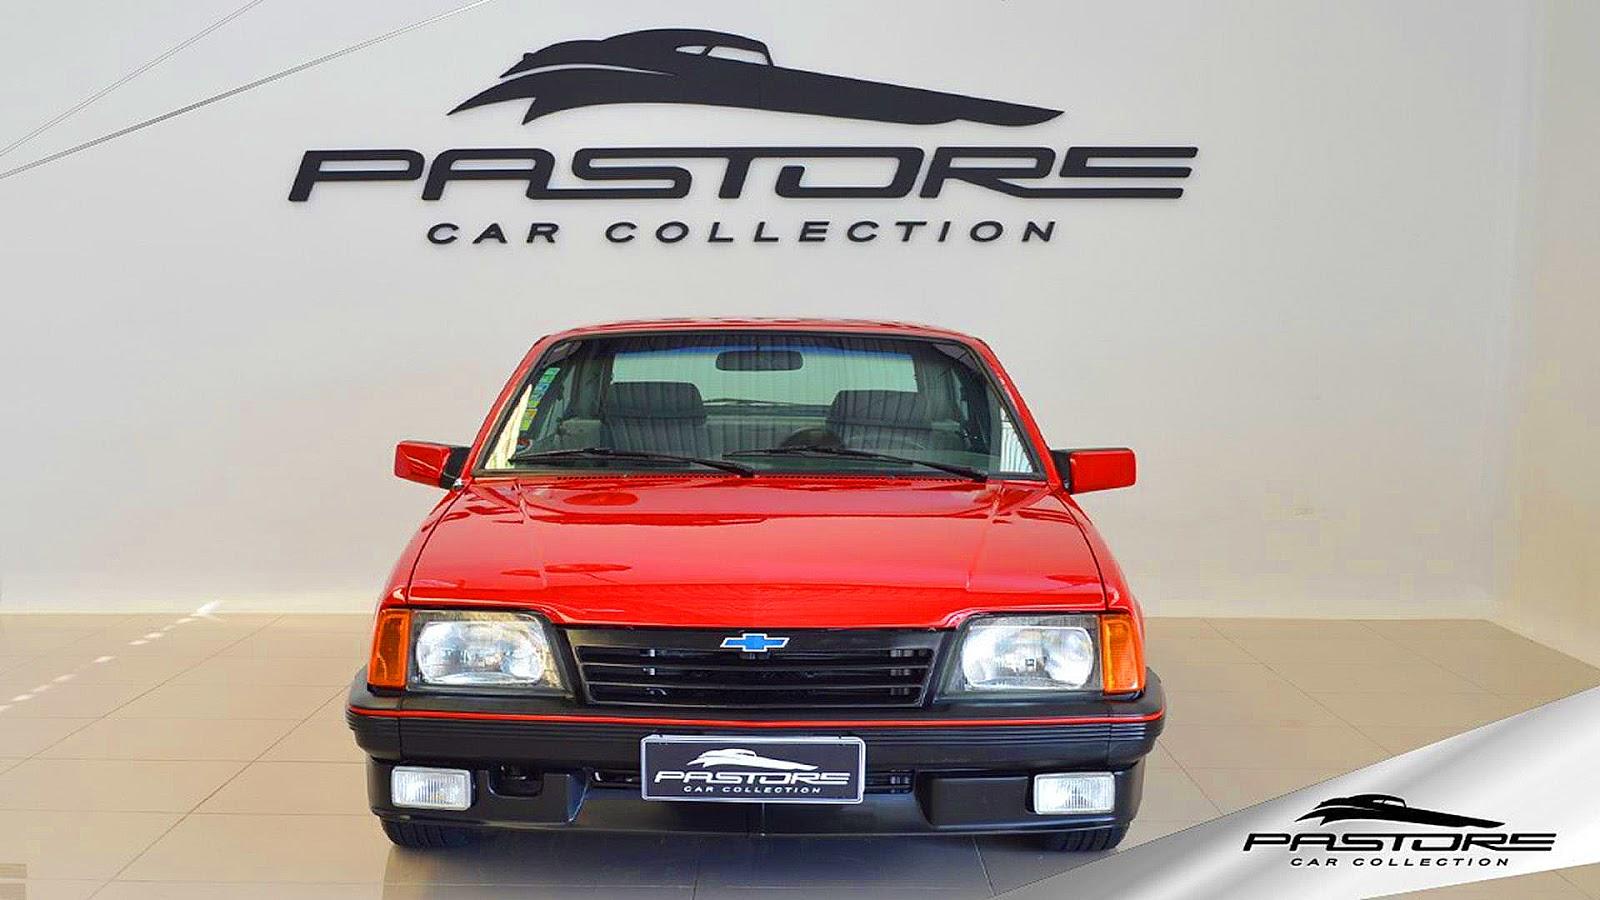 Pastore r 65000 chevrolet monza sr 20 s 1988 hatchback vermelho para 1988 o monza hatch s estava disponvel como sr ele voltava com nova grade com frisos s horizontais e lanternas da verso classic fandeluxe Images